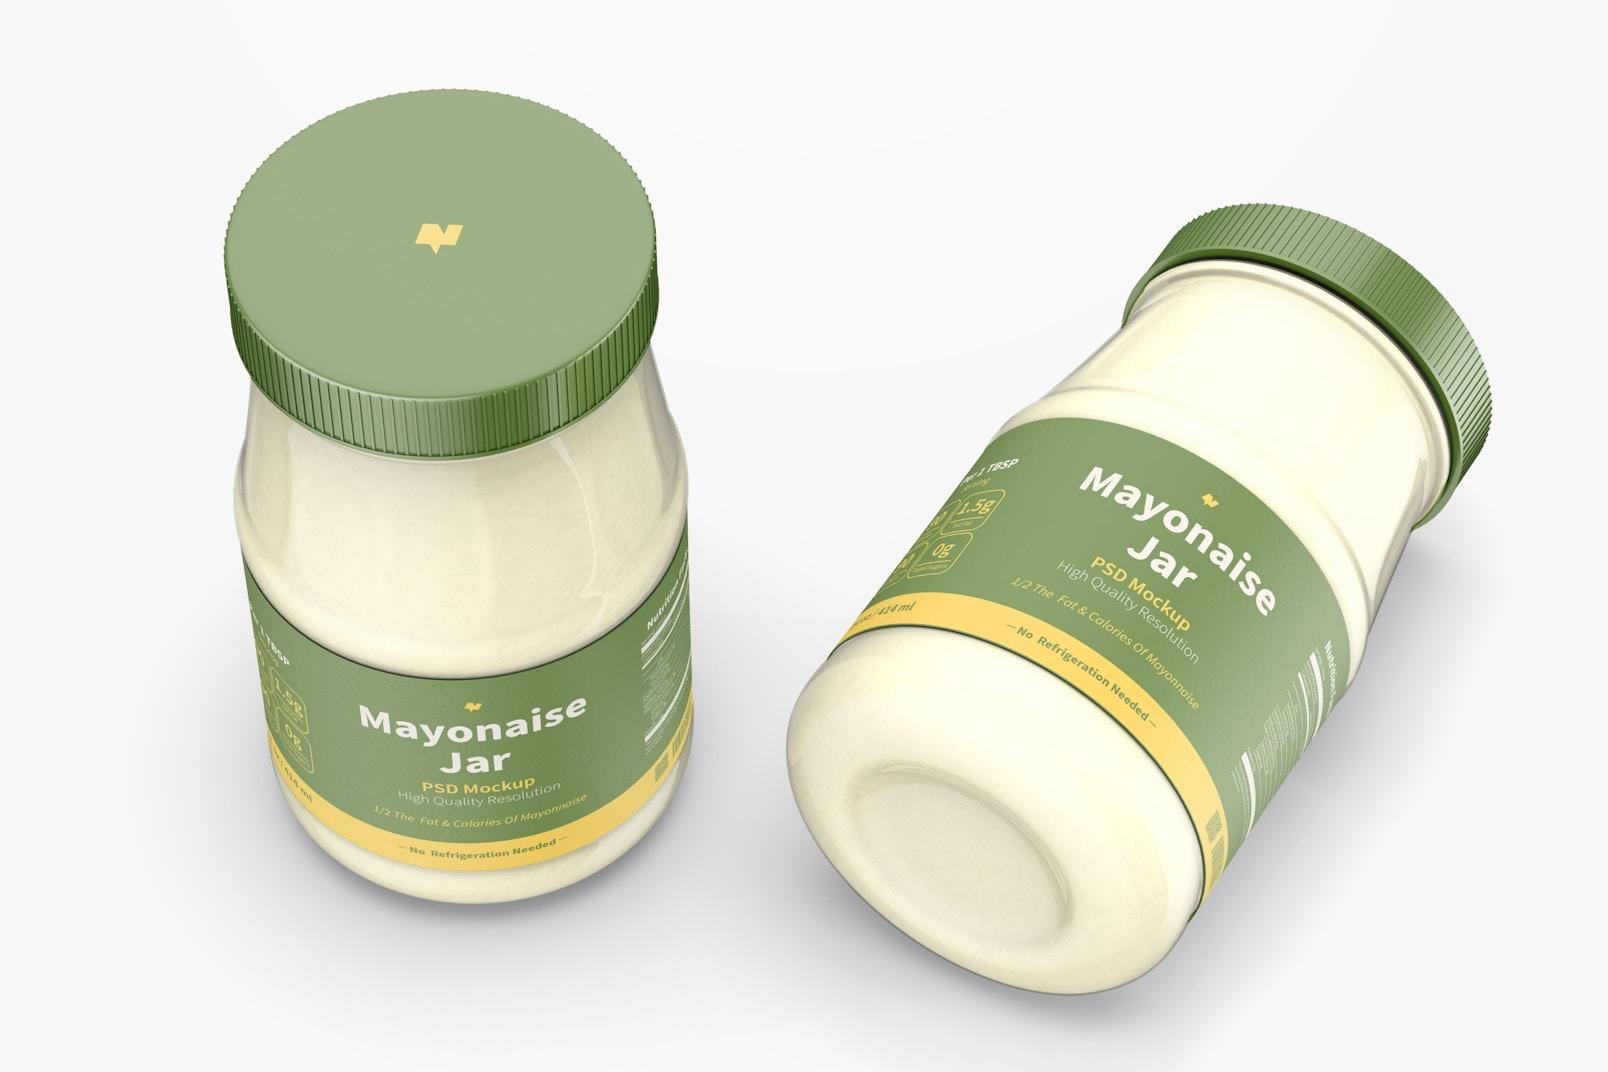 14 oz Mayonnaise Jars Mockup, Top View